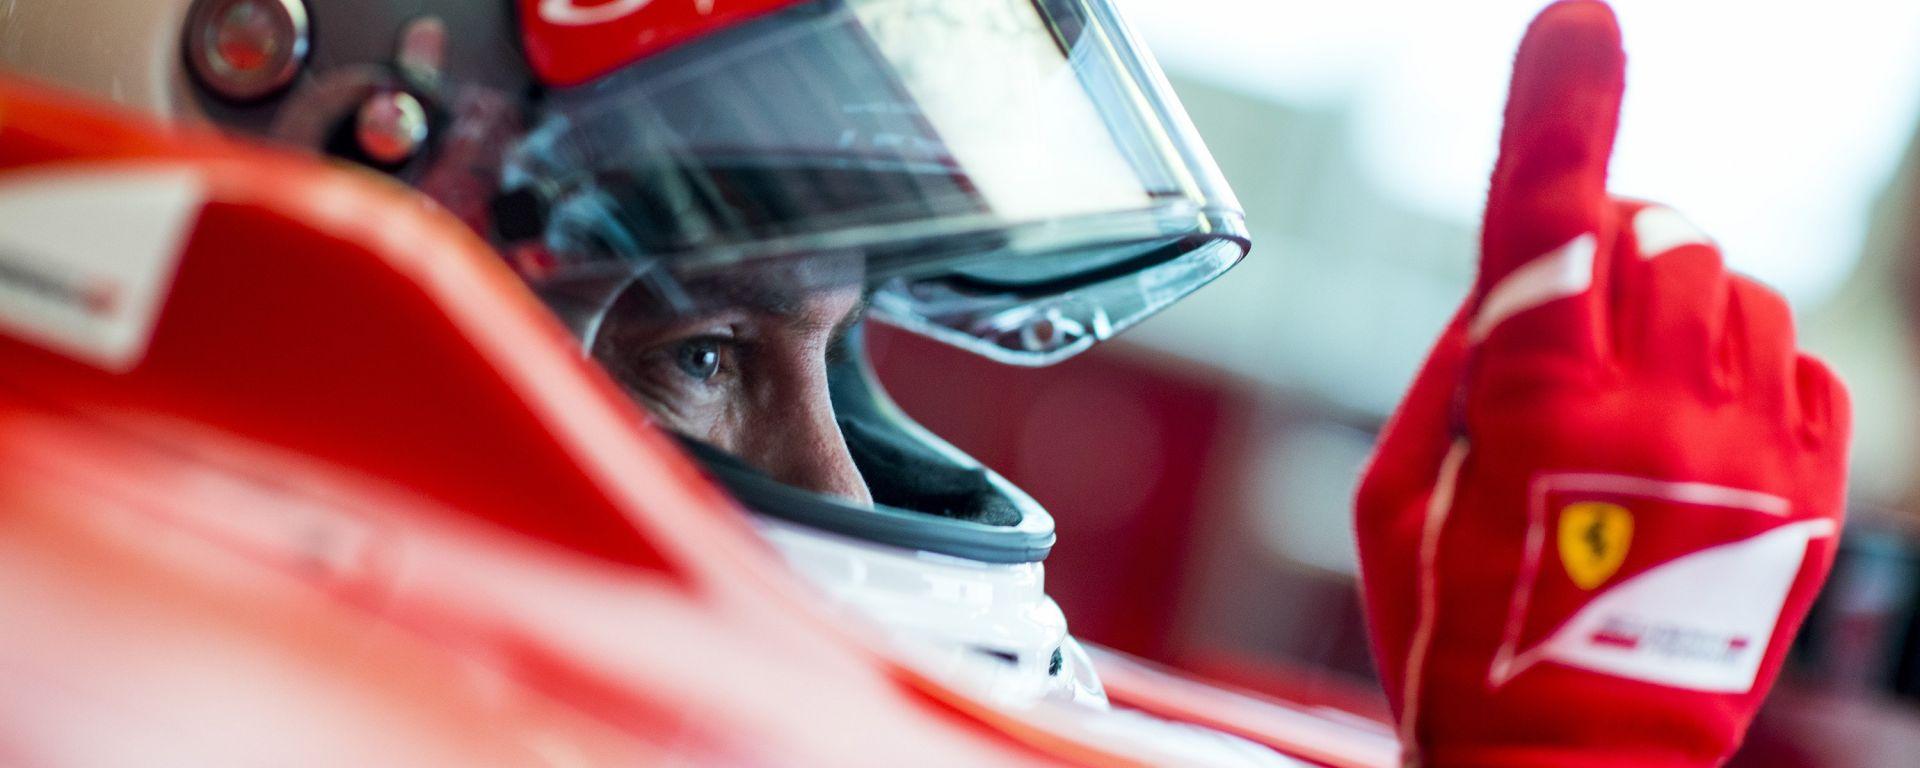 F1 Ferrari - Vettel: adoro i circuiti cittadini come Baku